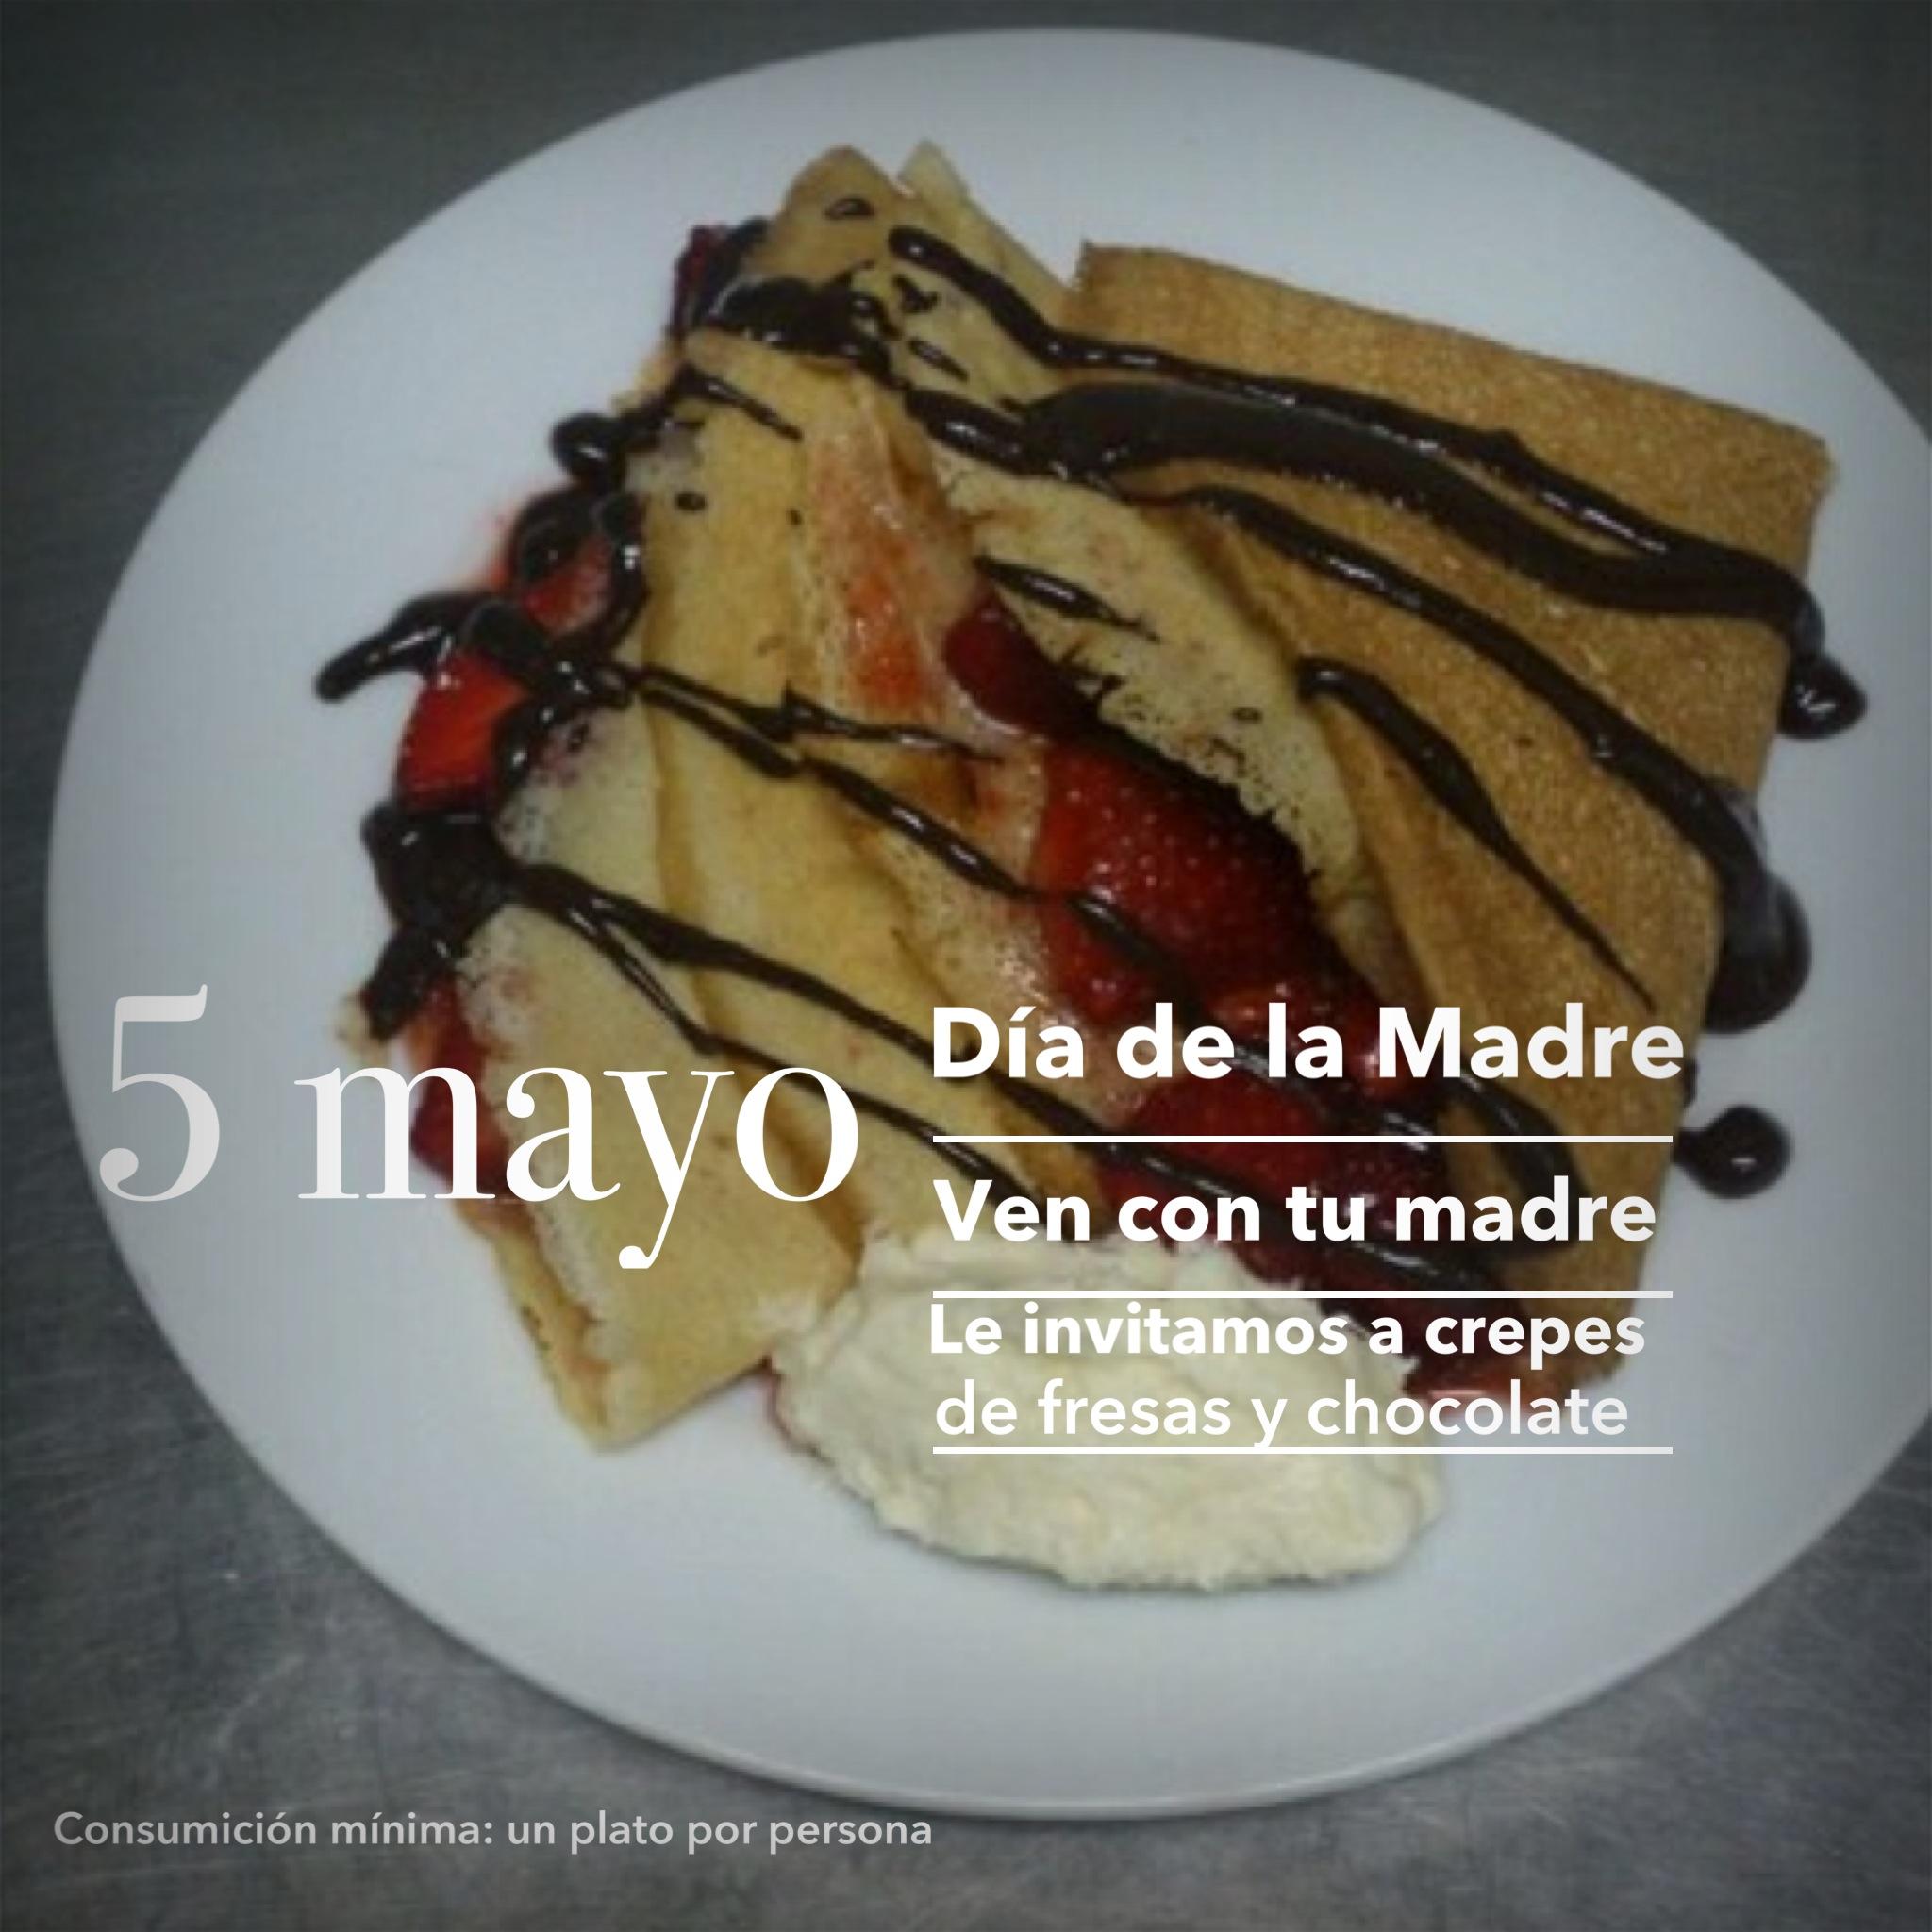 Día de la Madre - Gumbo Madrid